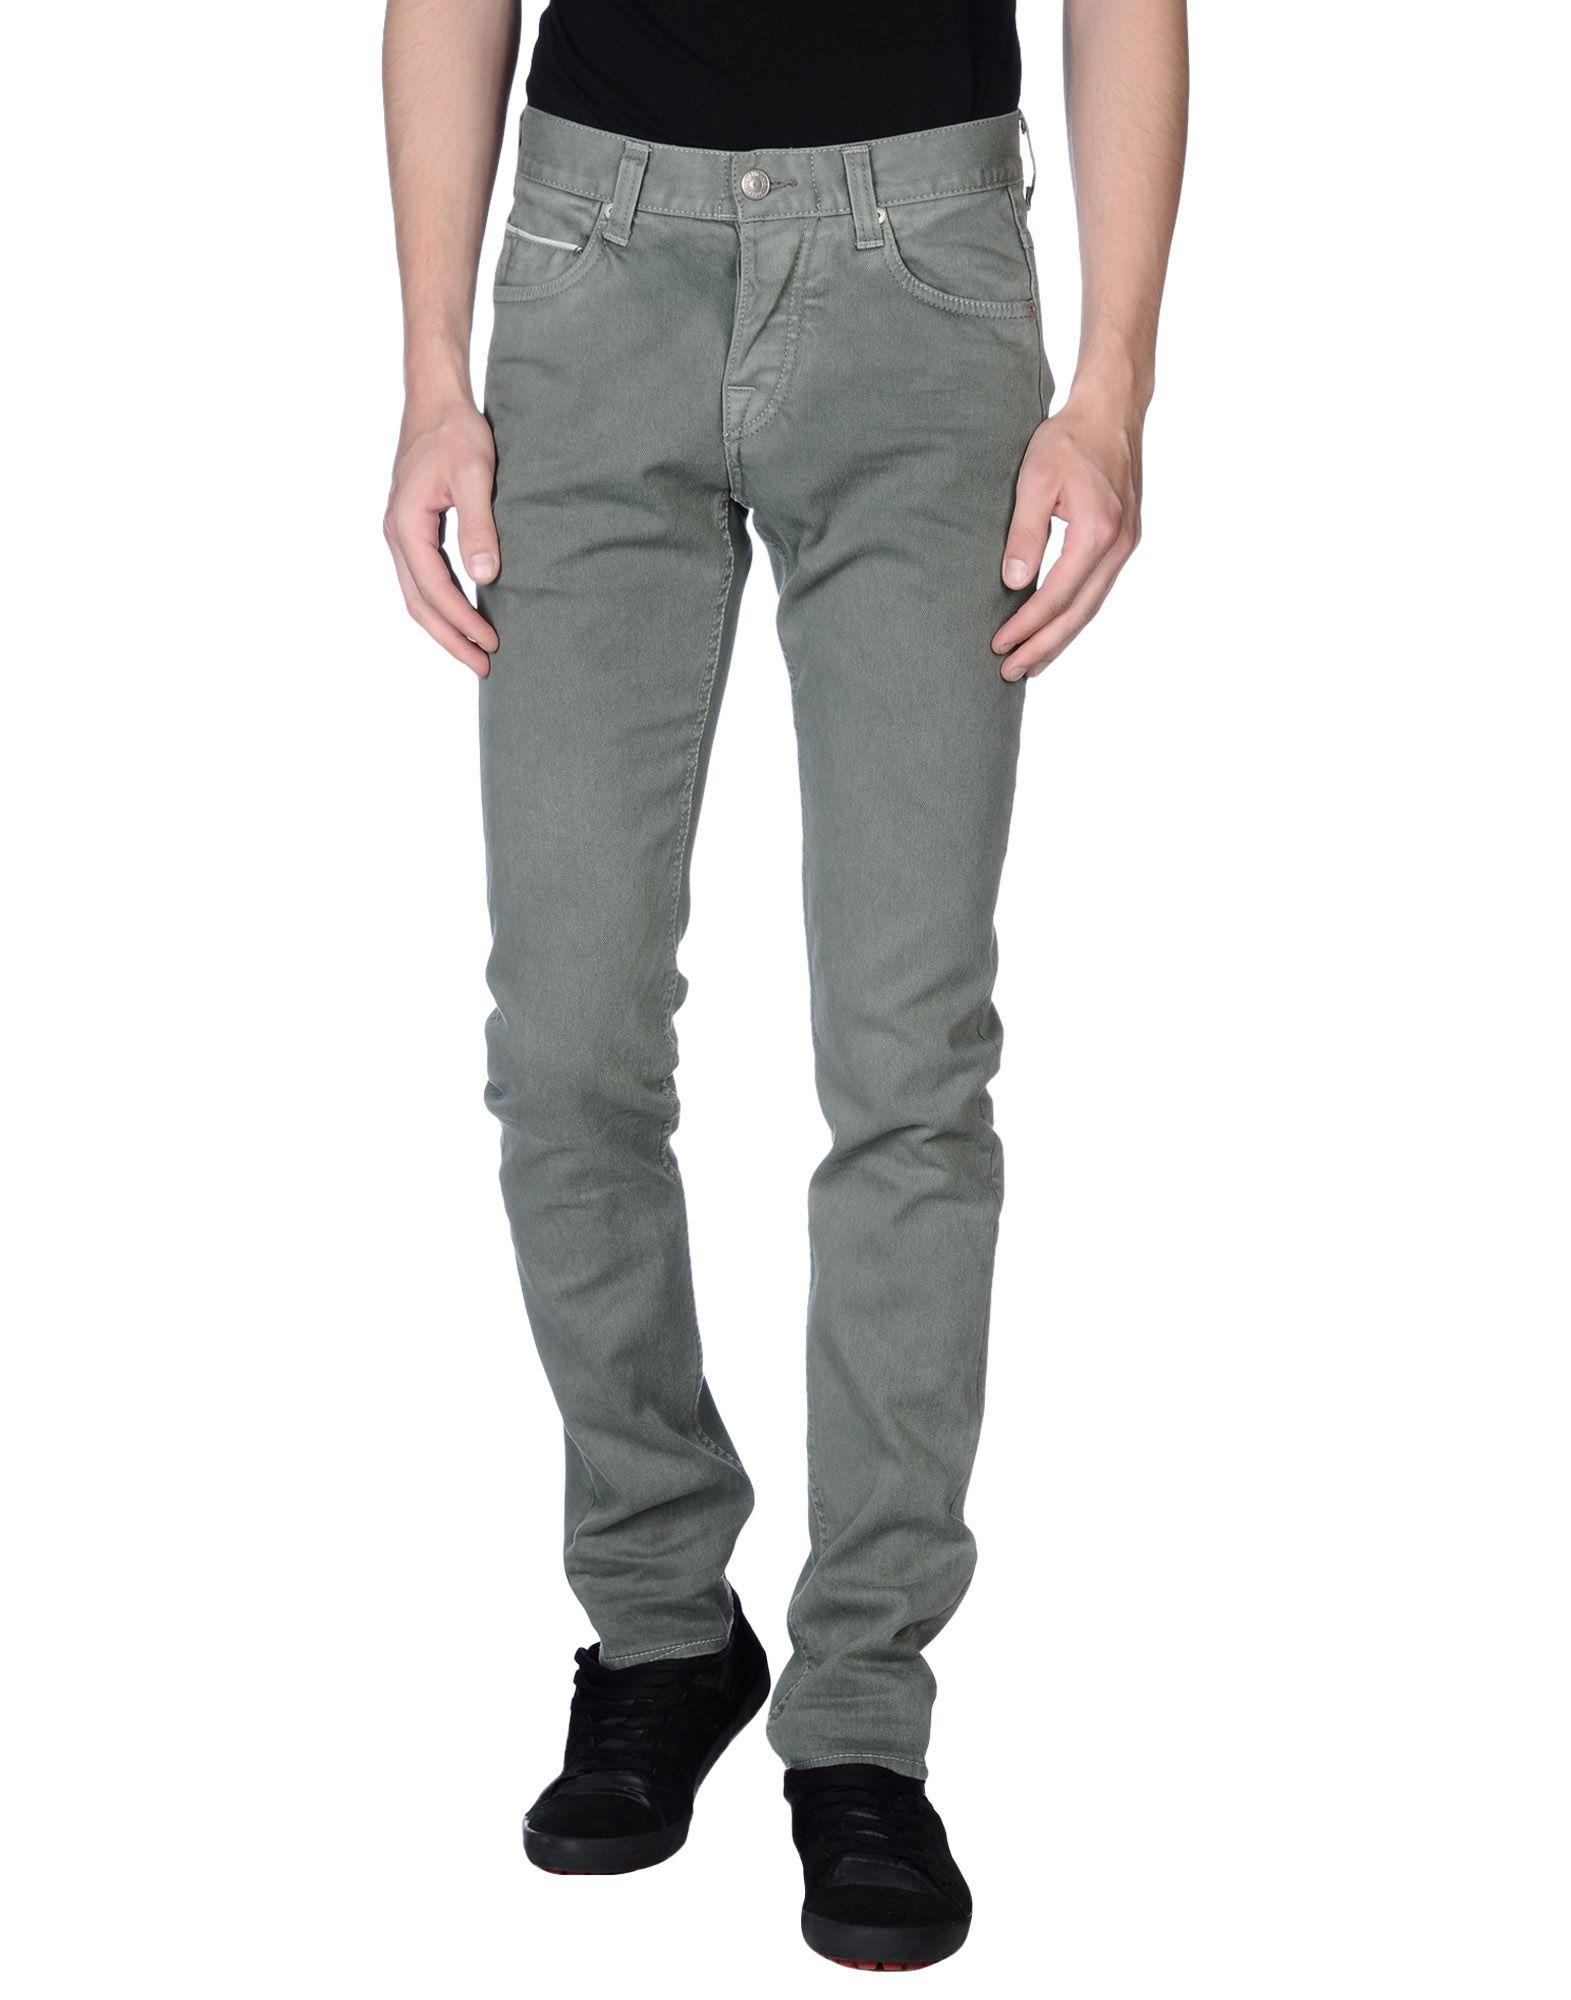 Pantaloni Jeans Jeans Pantaloni Care Label Uomo - 42434848KO da3d7d